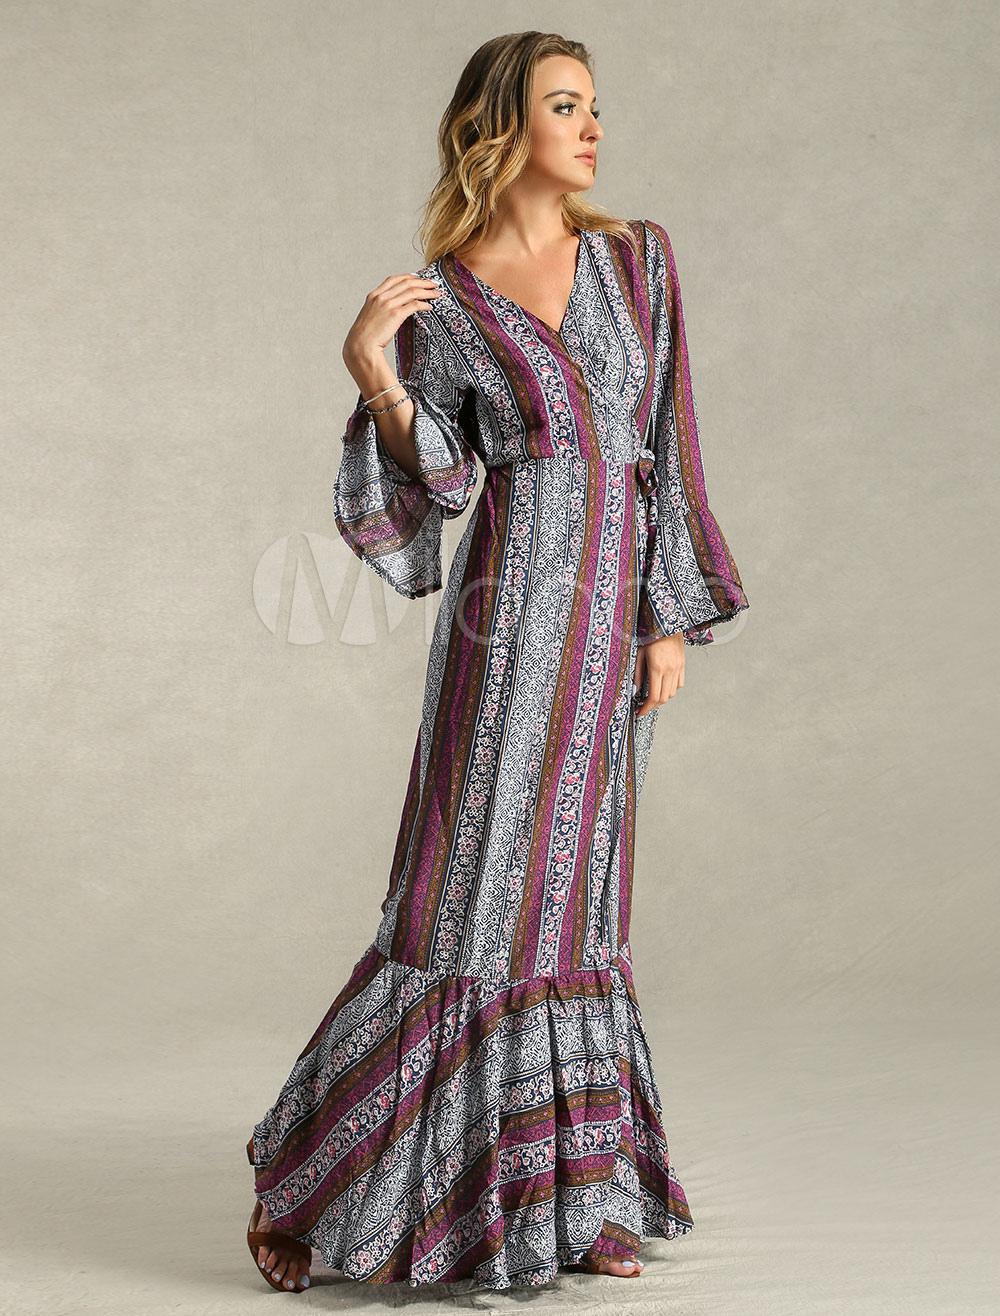 Maxikleid boho kleid v ausschnitt hohe split langarm kleid - Kleider milanoo ...